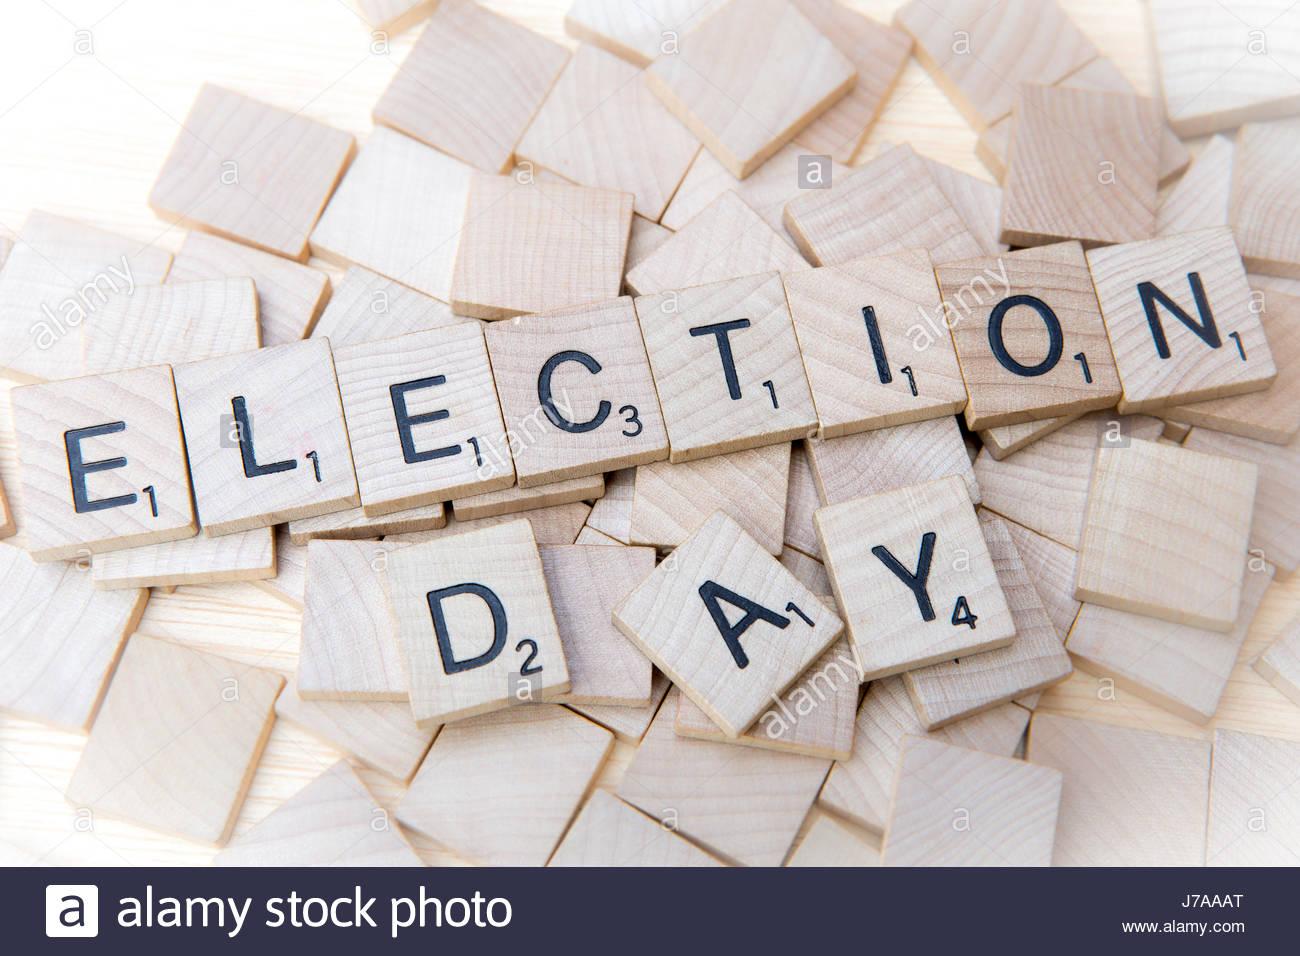 Il giorno delle elezioni farro con lettere di scrabble su piastrelle